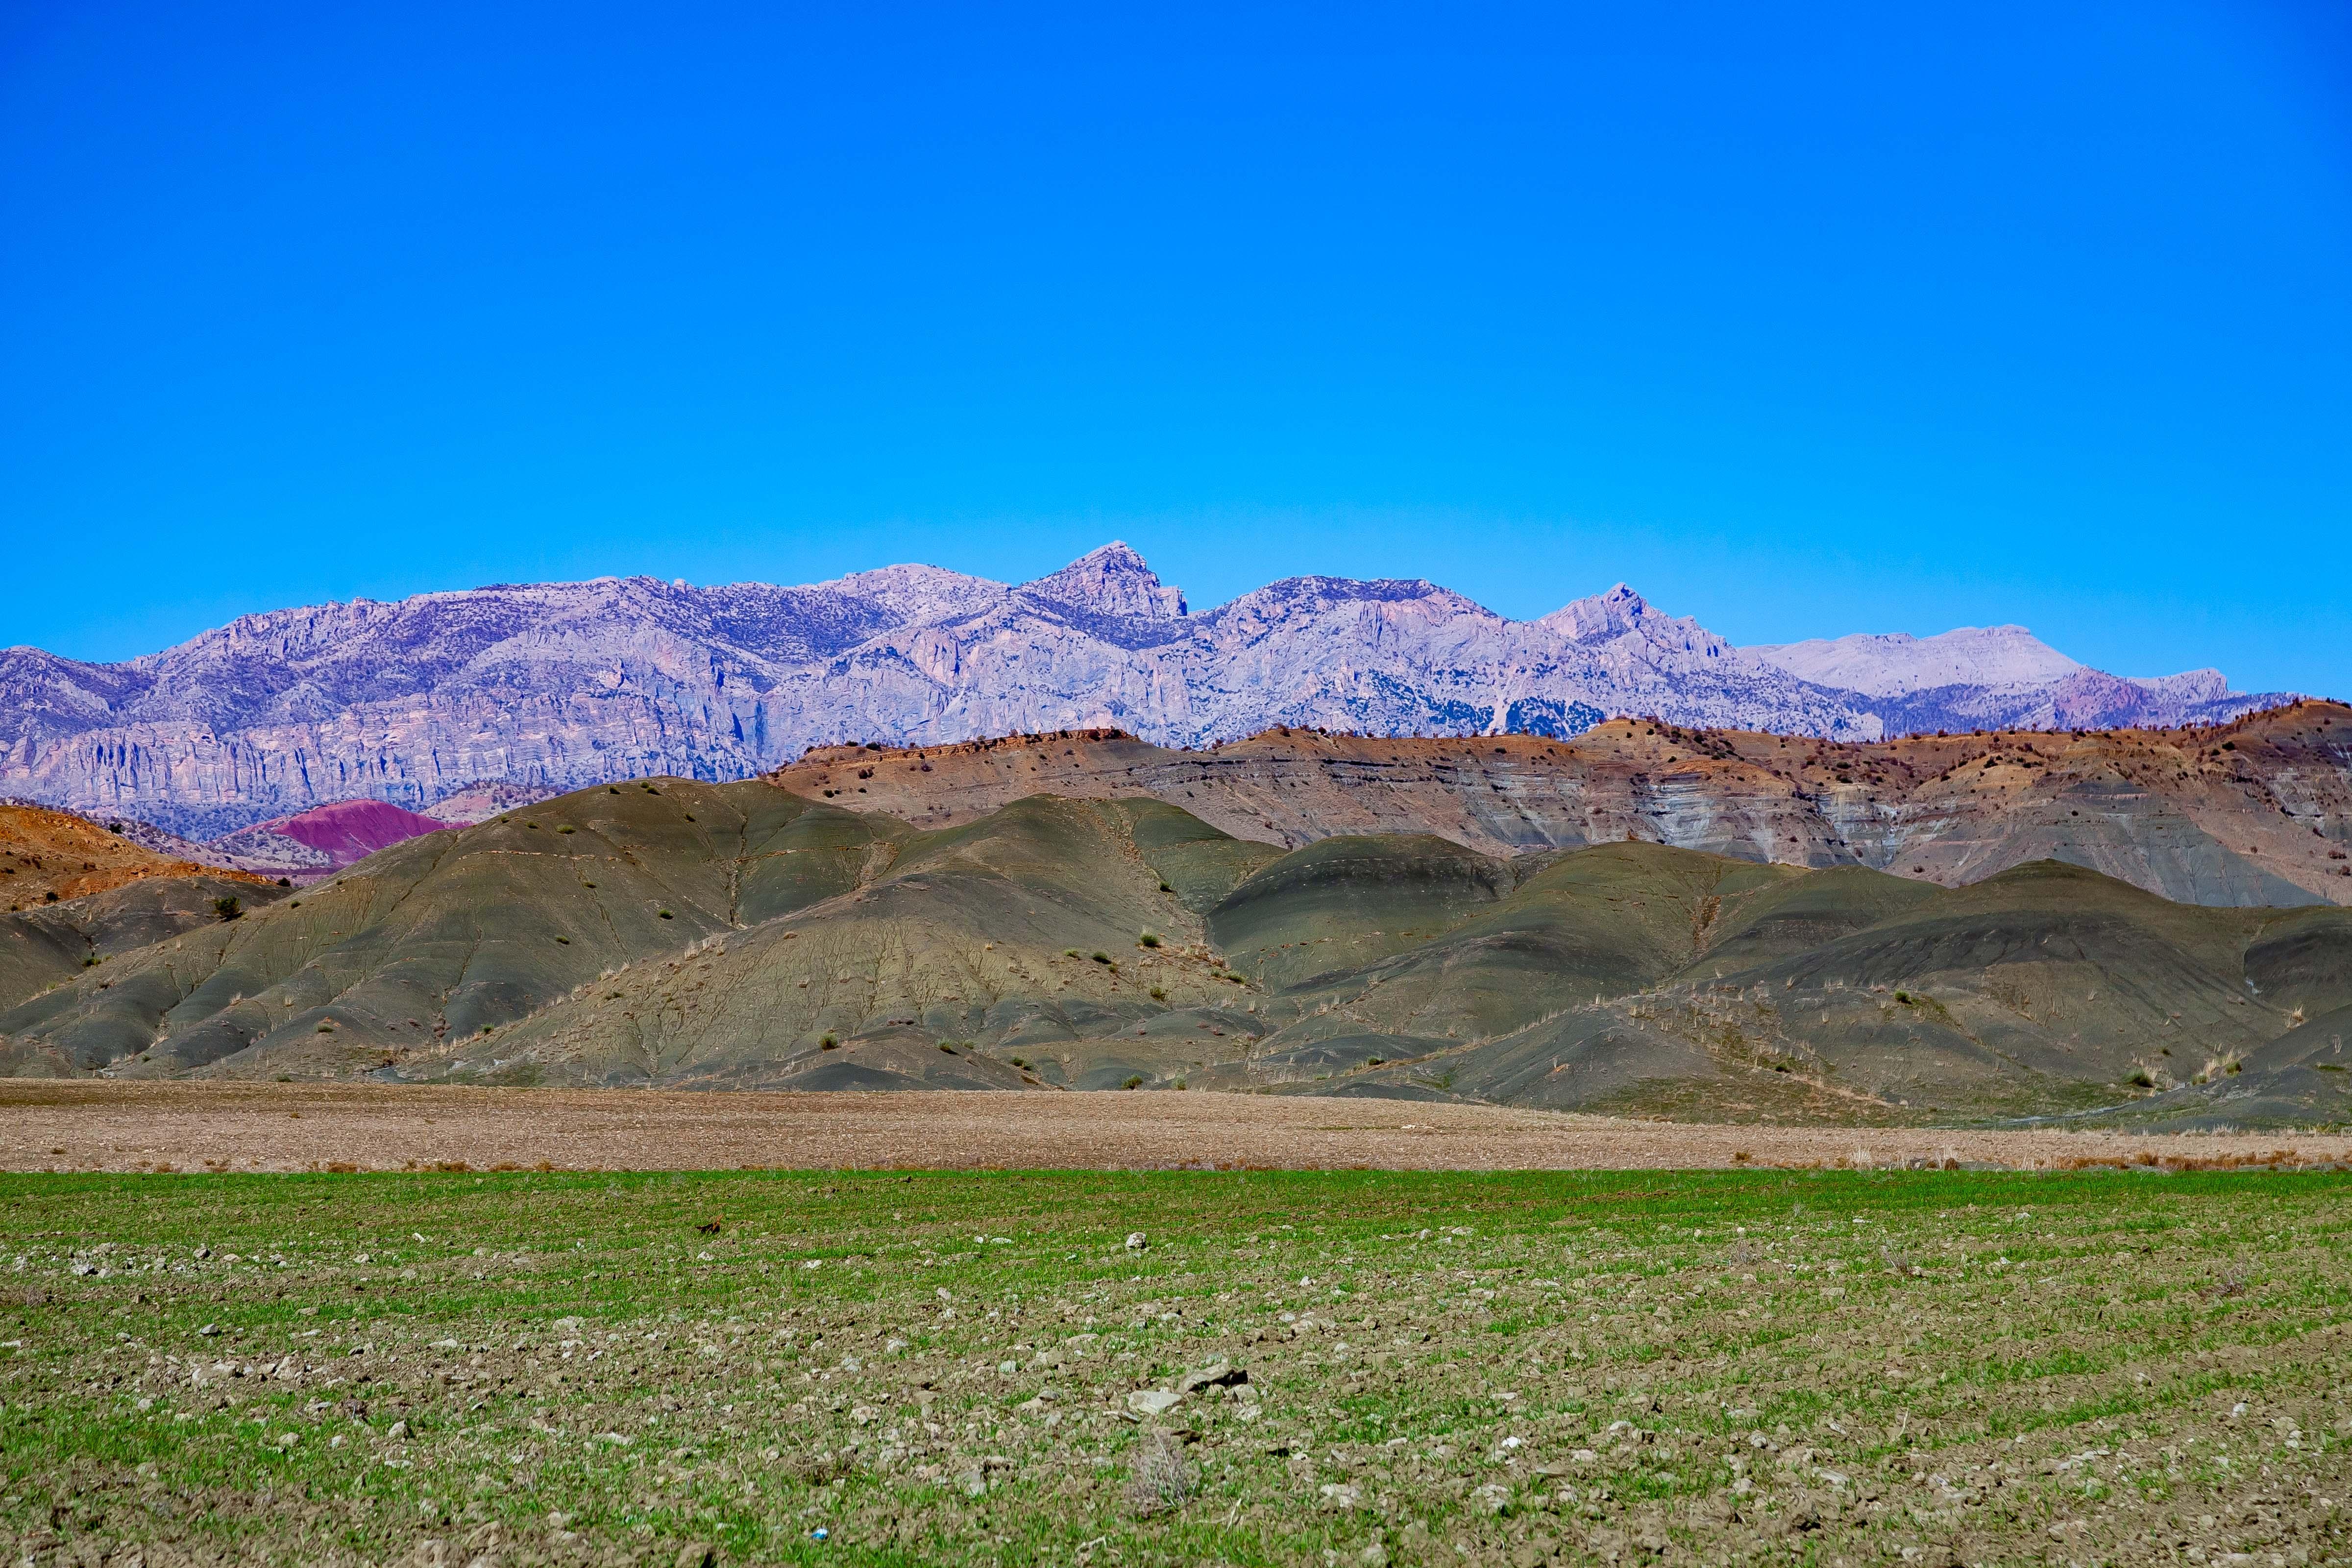 Turkey, Sirnak Prov, Landscape, 2009, IMG 1892